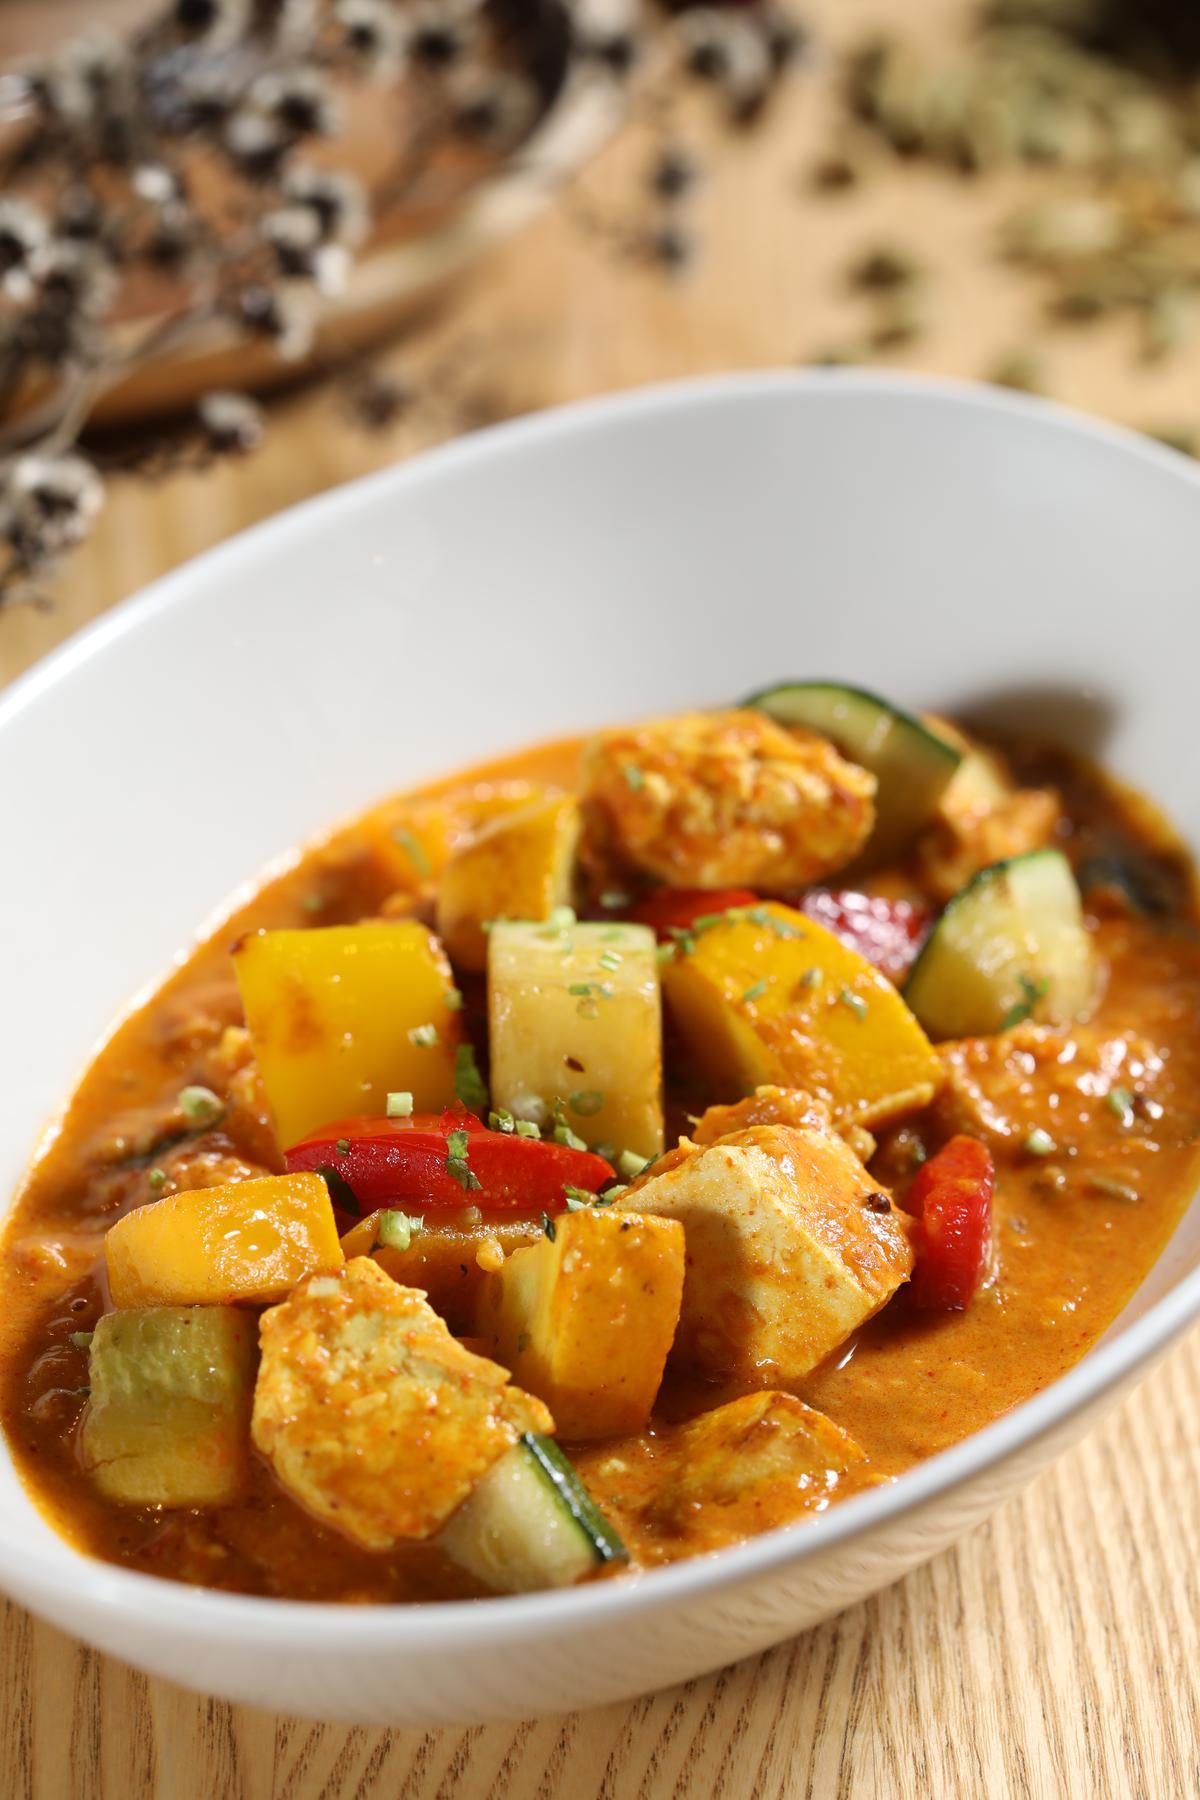 「臭豆腐逗扁豆節瓜」能吃到豆腐的臭香、咖哩的辛辣和蔬菜的甜味,十分下飯。(450元/份)